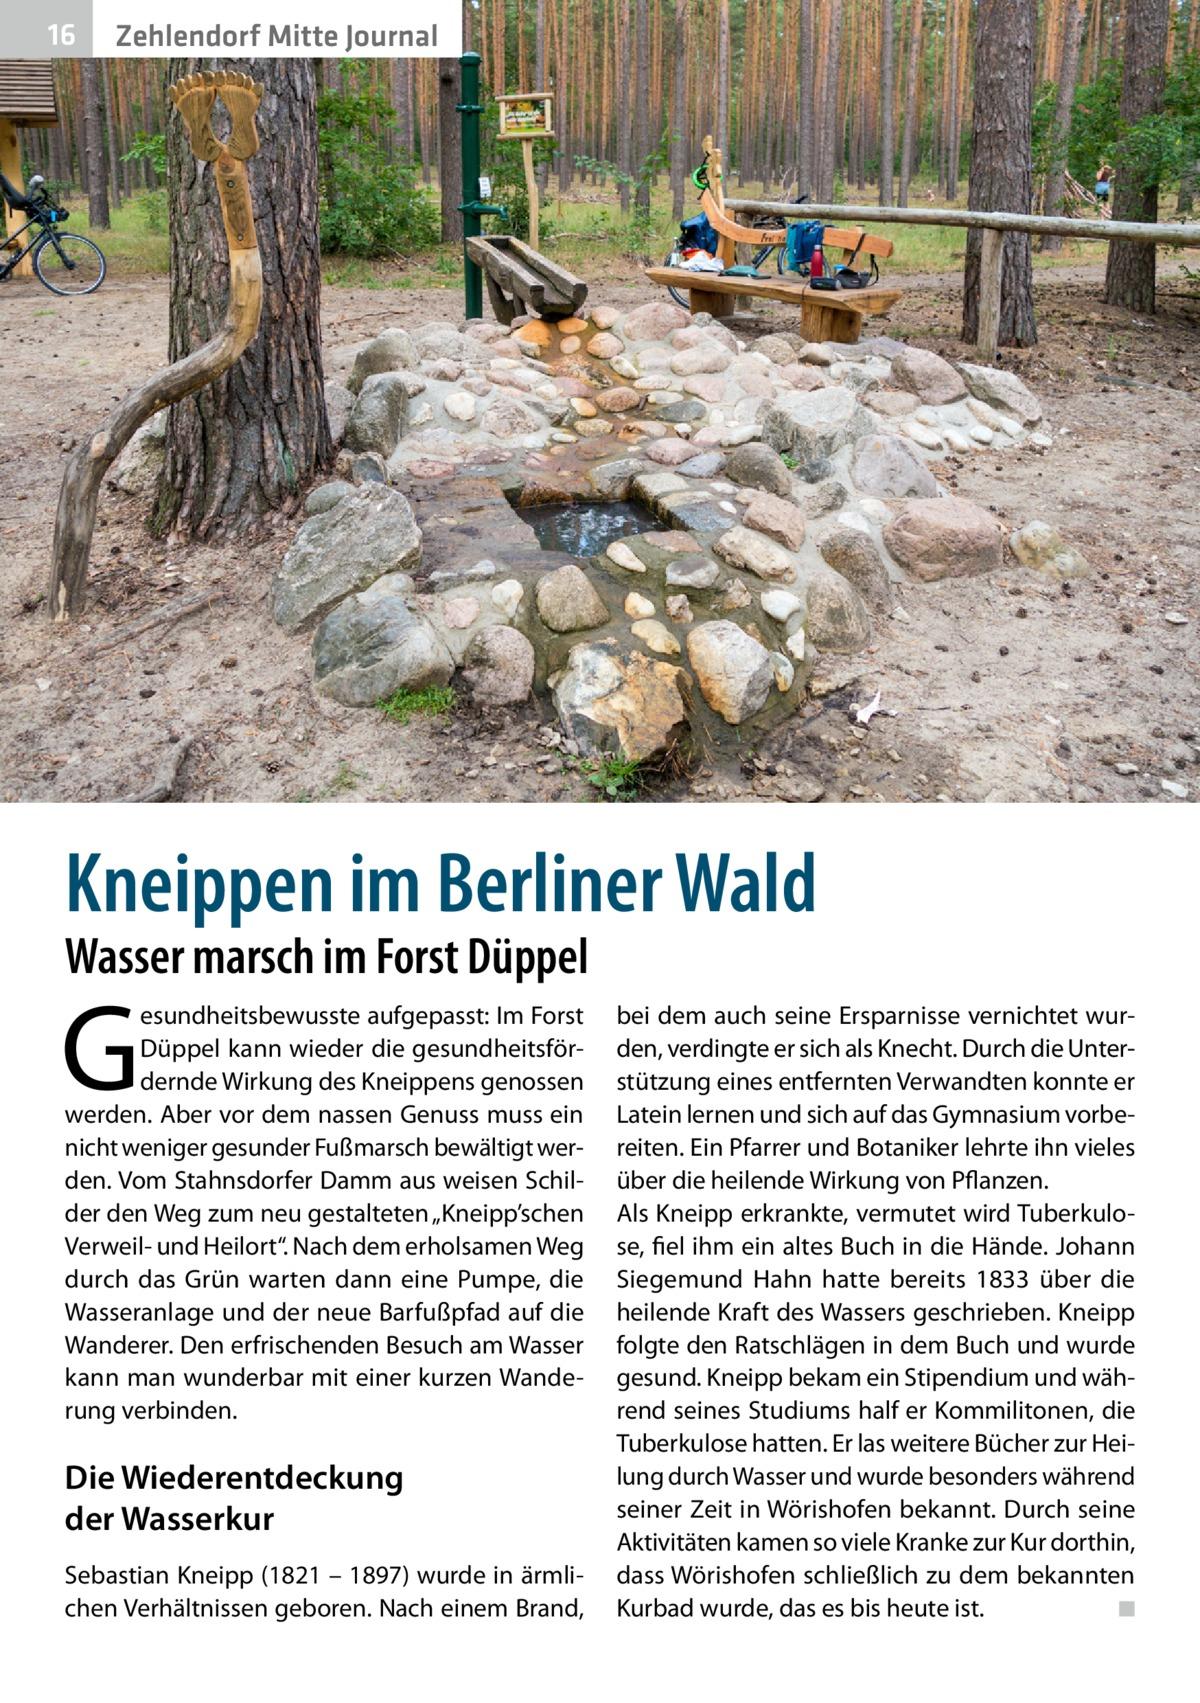 """16  Zehlendorf Mitte Journal  Kneippen im Berliner Wald Wasser marsch im Forst Düppel  G  esundheitsbewusste aufgepasst: Im Forst Düppel kann wieder die gesundheitsfördernde Wirkung des Kneippens genossen werden. Aber vor dem nassen Genuss muss ein nicht weniger gesunder Fußmarsch bewältigt werden. Vom Stahnsdorfer Damm aus weisen Schilder den Weg zum neu gestalteten """"Kneipp'schen Verweil- und Heilort"""". Nach dem erholsamen Weg durch das Grün warten dann eine Pumpe, die Wasseranlage und der neue Barfußpfad auf die Wanderer. Den erfrischenden Besuch am Wasser kann man wunderbar mit einer kurzen Wanderung verbinden.  Die Wiederentdeckung der Wasserkur Sebastian Kneipp (1821 – 1897) wurde in ärmlichen Verhältnissen geboren. Nach einem Brand,  bei dem auch seine Ersparnisse vernichtet wurden, verdingte er sich als Knecht. Durch die Unterstützung eines entfernten Verwandten konnte er Latein lernen und sich auf das Gymnasium vorbereiten. Ein Pfarrer und Botaniker lehrte ihn vieles über die heilende Wirkung von Pflanzen. Als Kneipp erkrankte, vermutet wird Tuberkulose, fiel ihm ein altes Buch in die Hände. Johann Siegemund Hahn hatte bereits 1833 über die heilende Kraft des Wassers geschrieben. Kneipp folgte den Ratschlägen in dem Buch und wurde gesund. Kneipp bekam ein Stipendium und während seines Studiums half er Kommilitonen, die Tuberkulose hatten. Er las weitere Bücher zur Heilung durch Wasser und wurde besonders während seiner Zeit in Wörishofen bekannt. Durch seine Aktivitäten kamen so viele Kranke zur Kur dorthin, dass Wörishofen schließlich zu dem bekannten Kurbad wurde, das es bis heute ist. � ◾"""